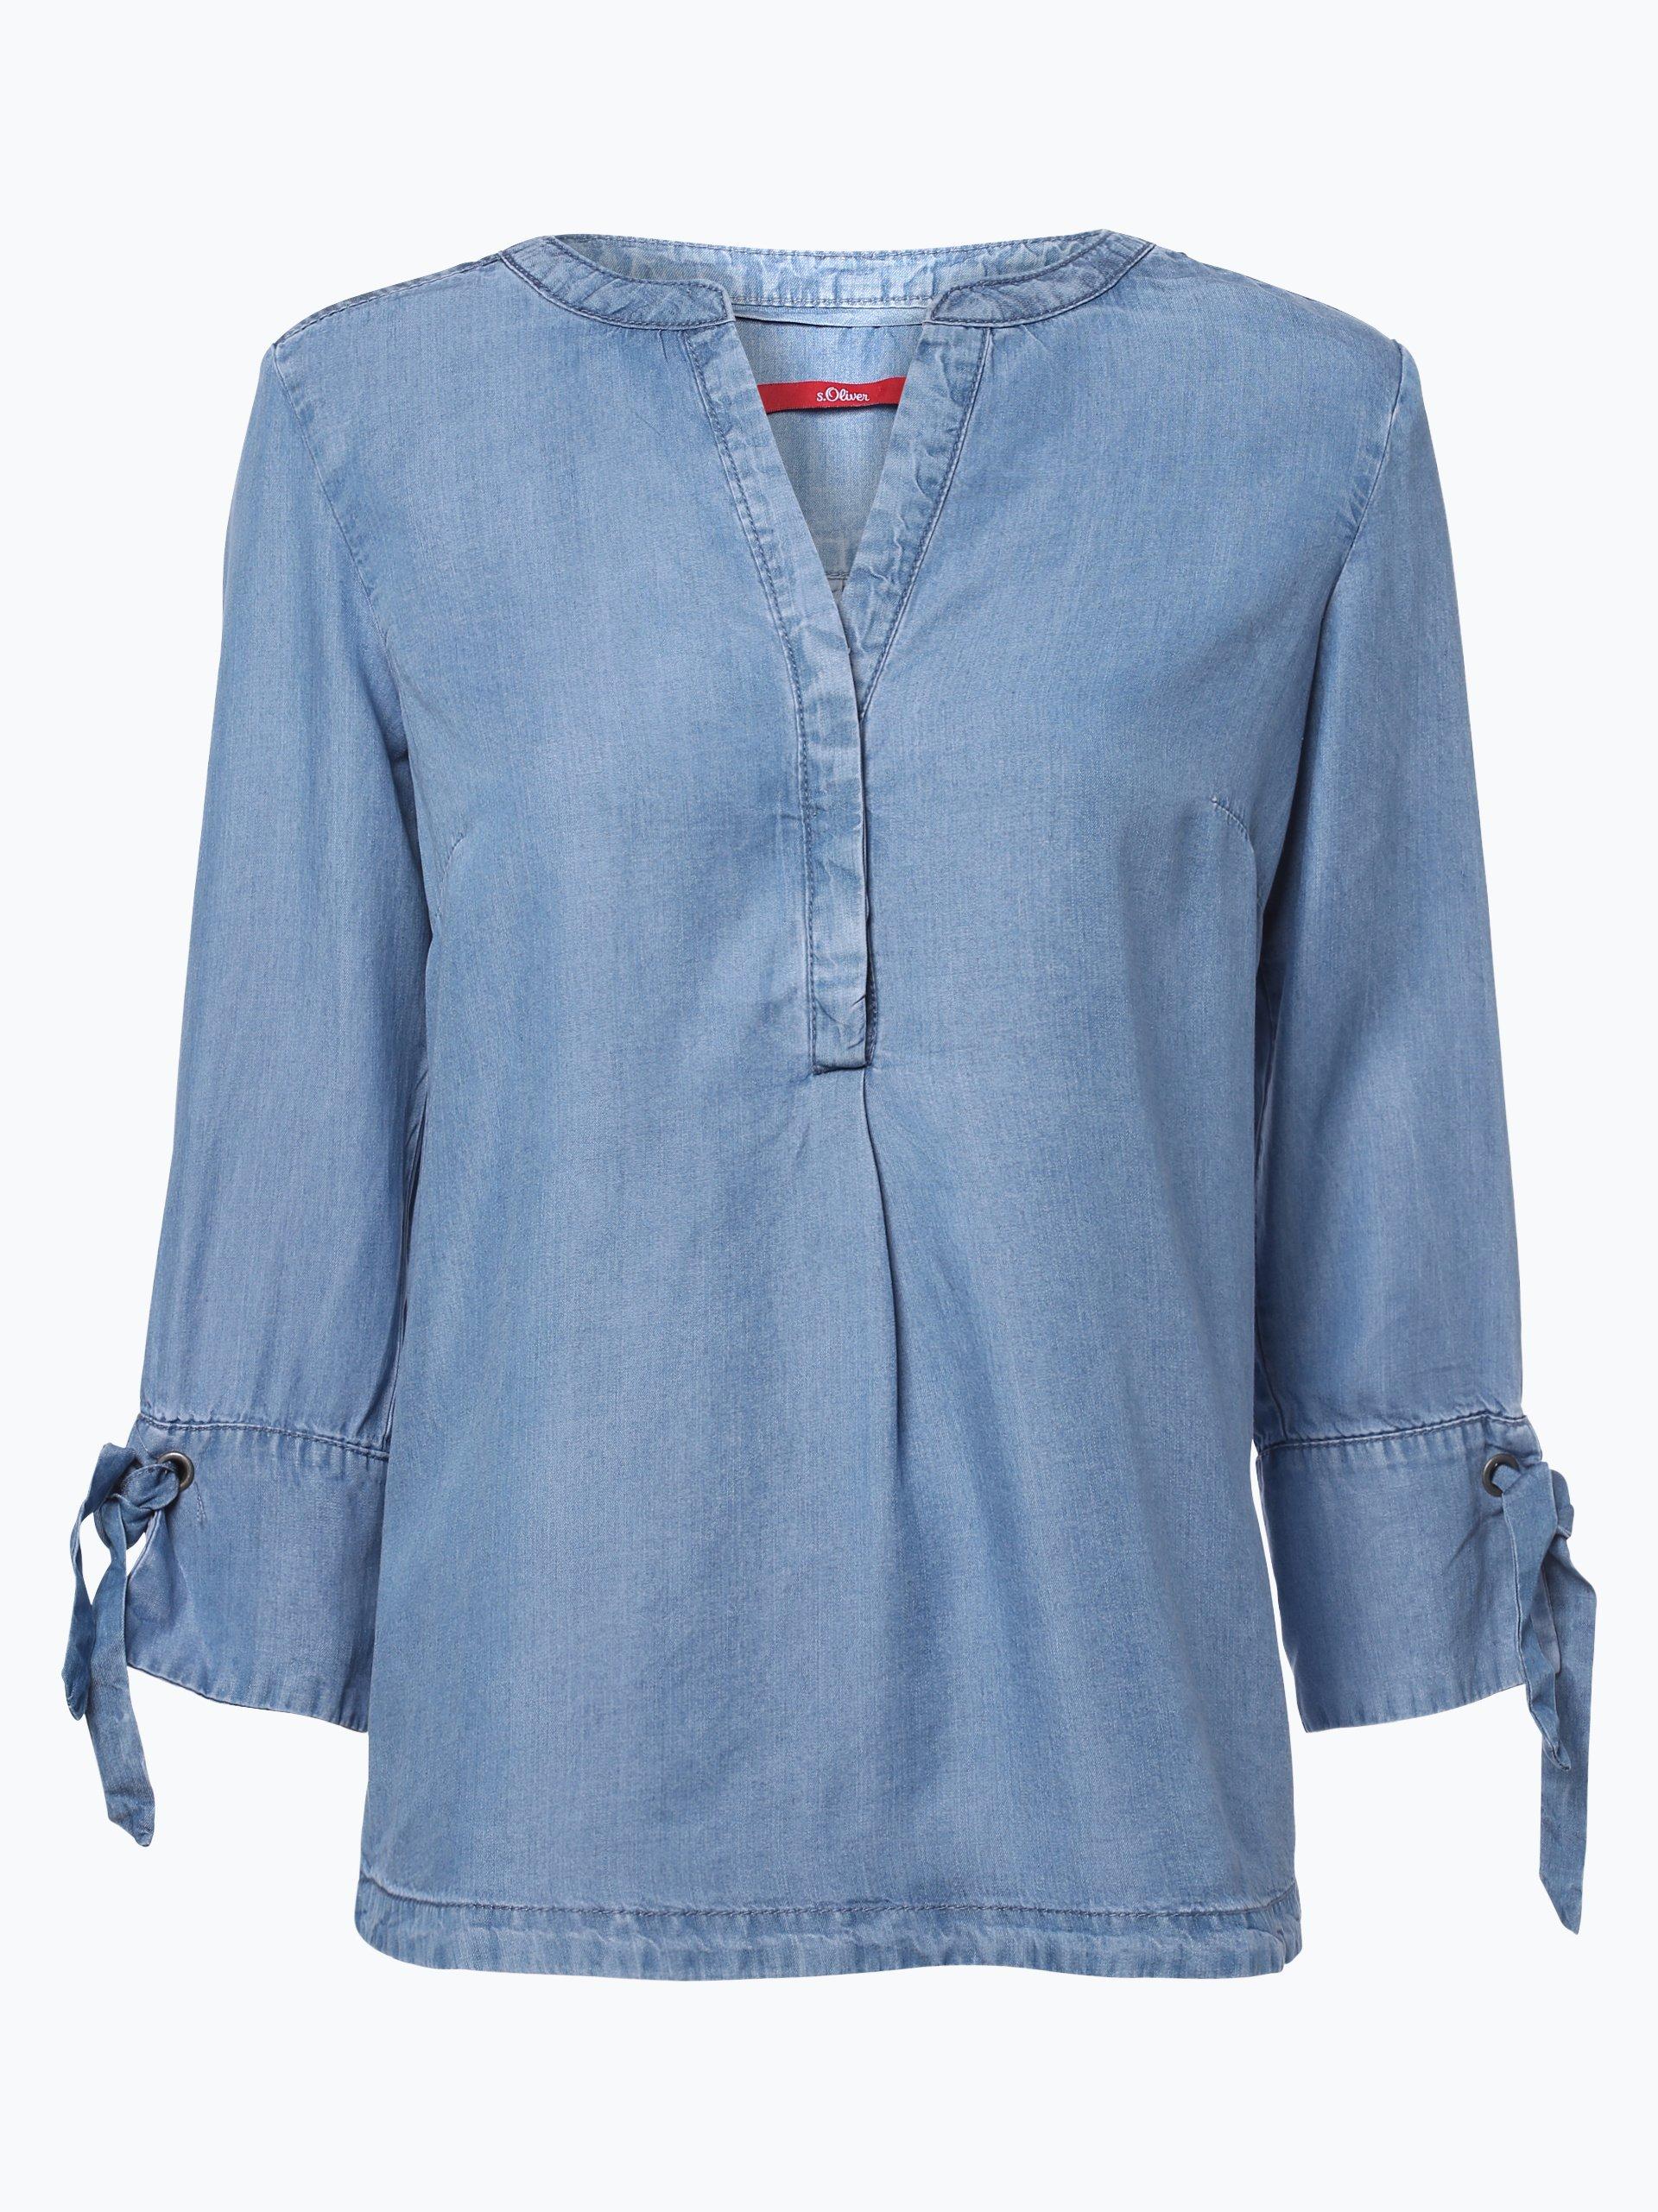 s.Oliver Casual Damen Jeansbluse online kaufen | VANGRAAF.COM